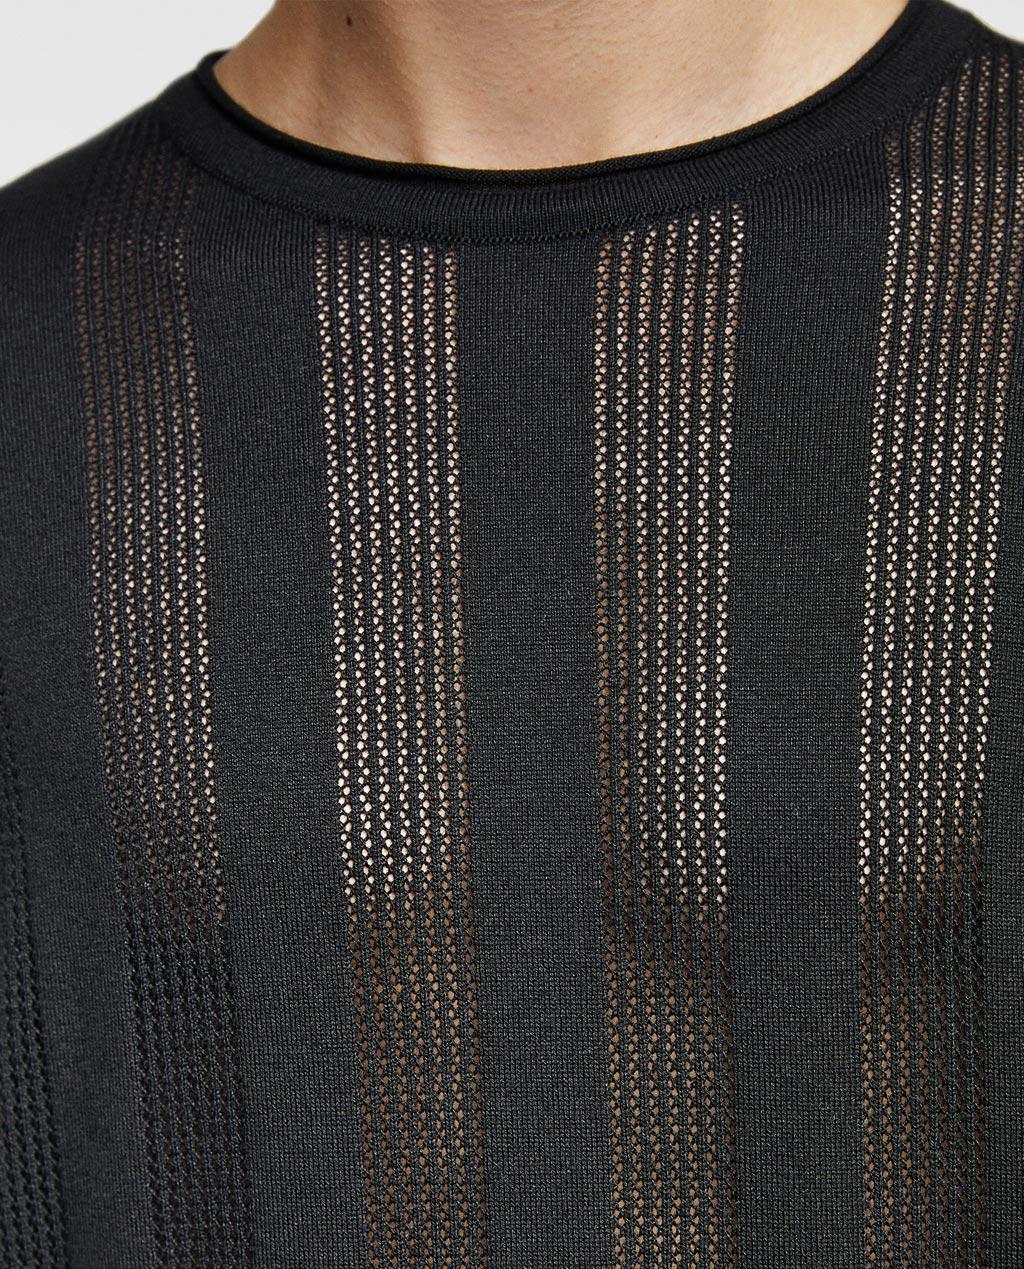 Thời trang nam Zara  24103 - ảnh 7